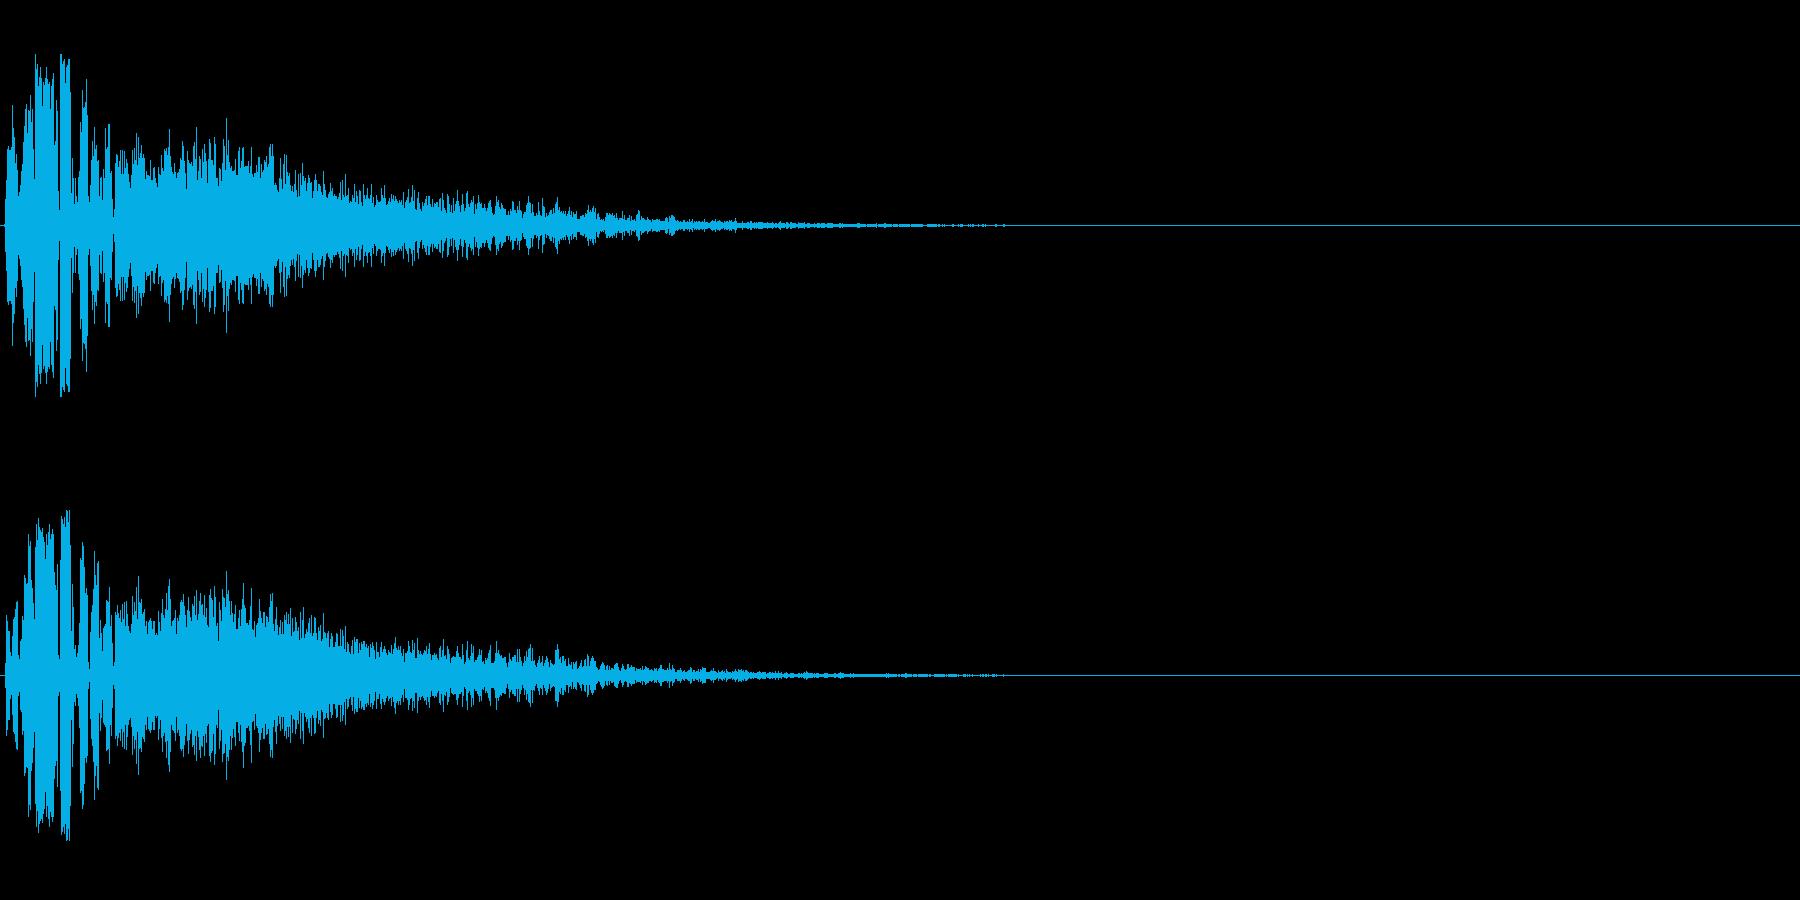 カッコいいFMラジオジングル効果音の再生済みの波形